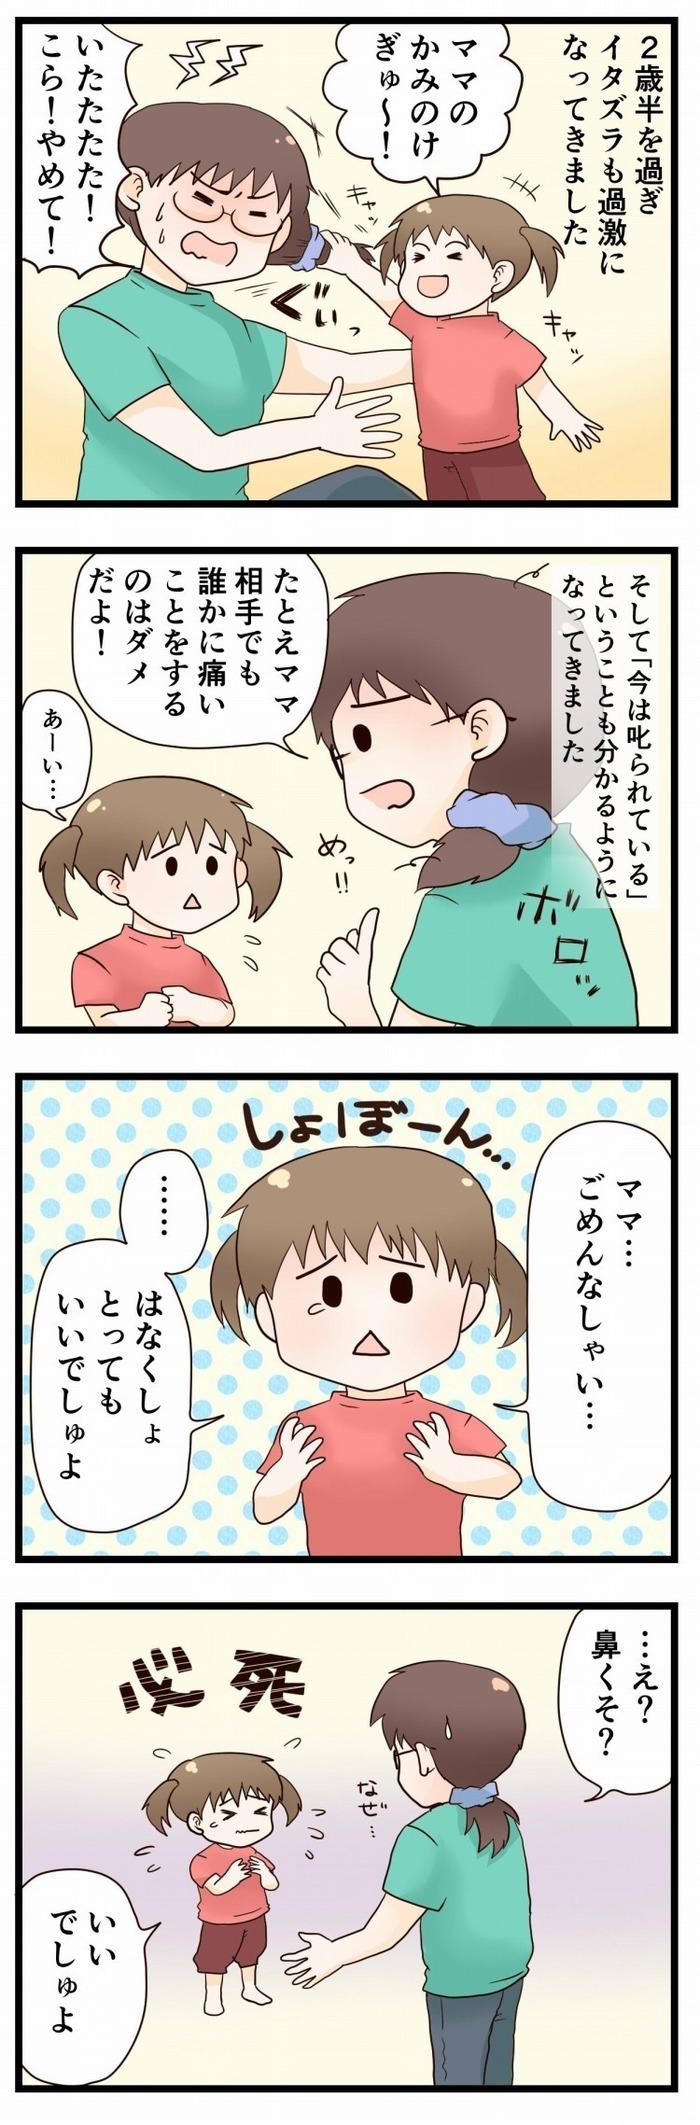 ママに叱られた2歳娘の「お詫びのしるし」のアイディアがすごい…(笑)の画像1